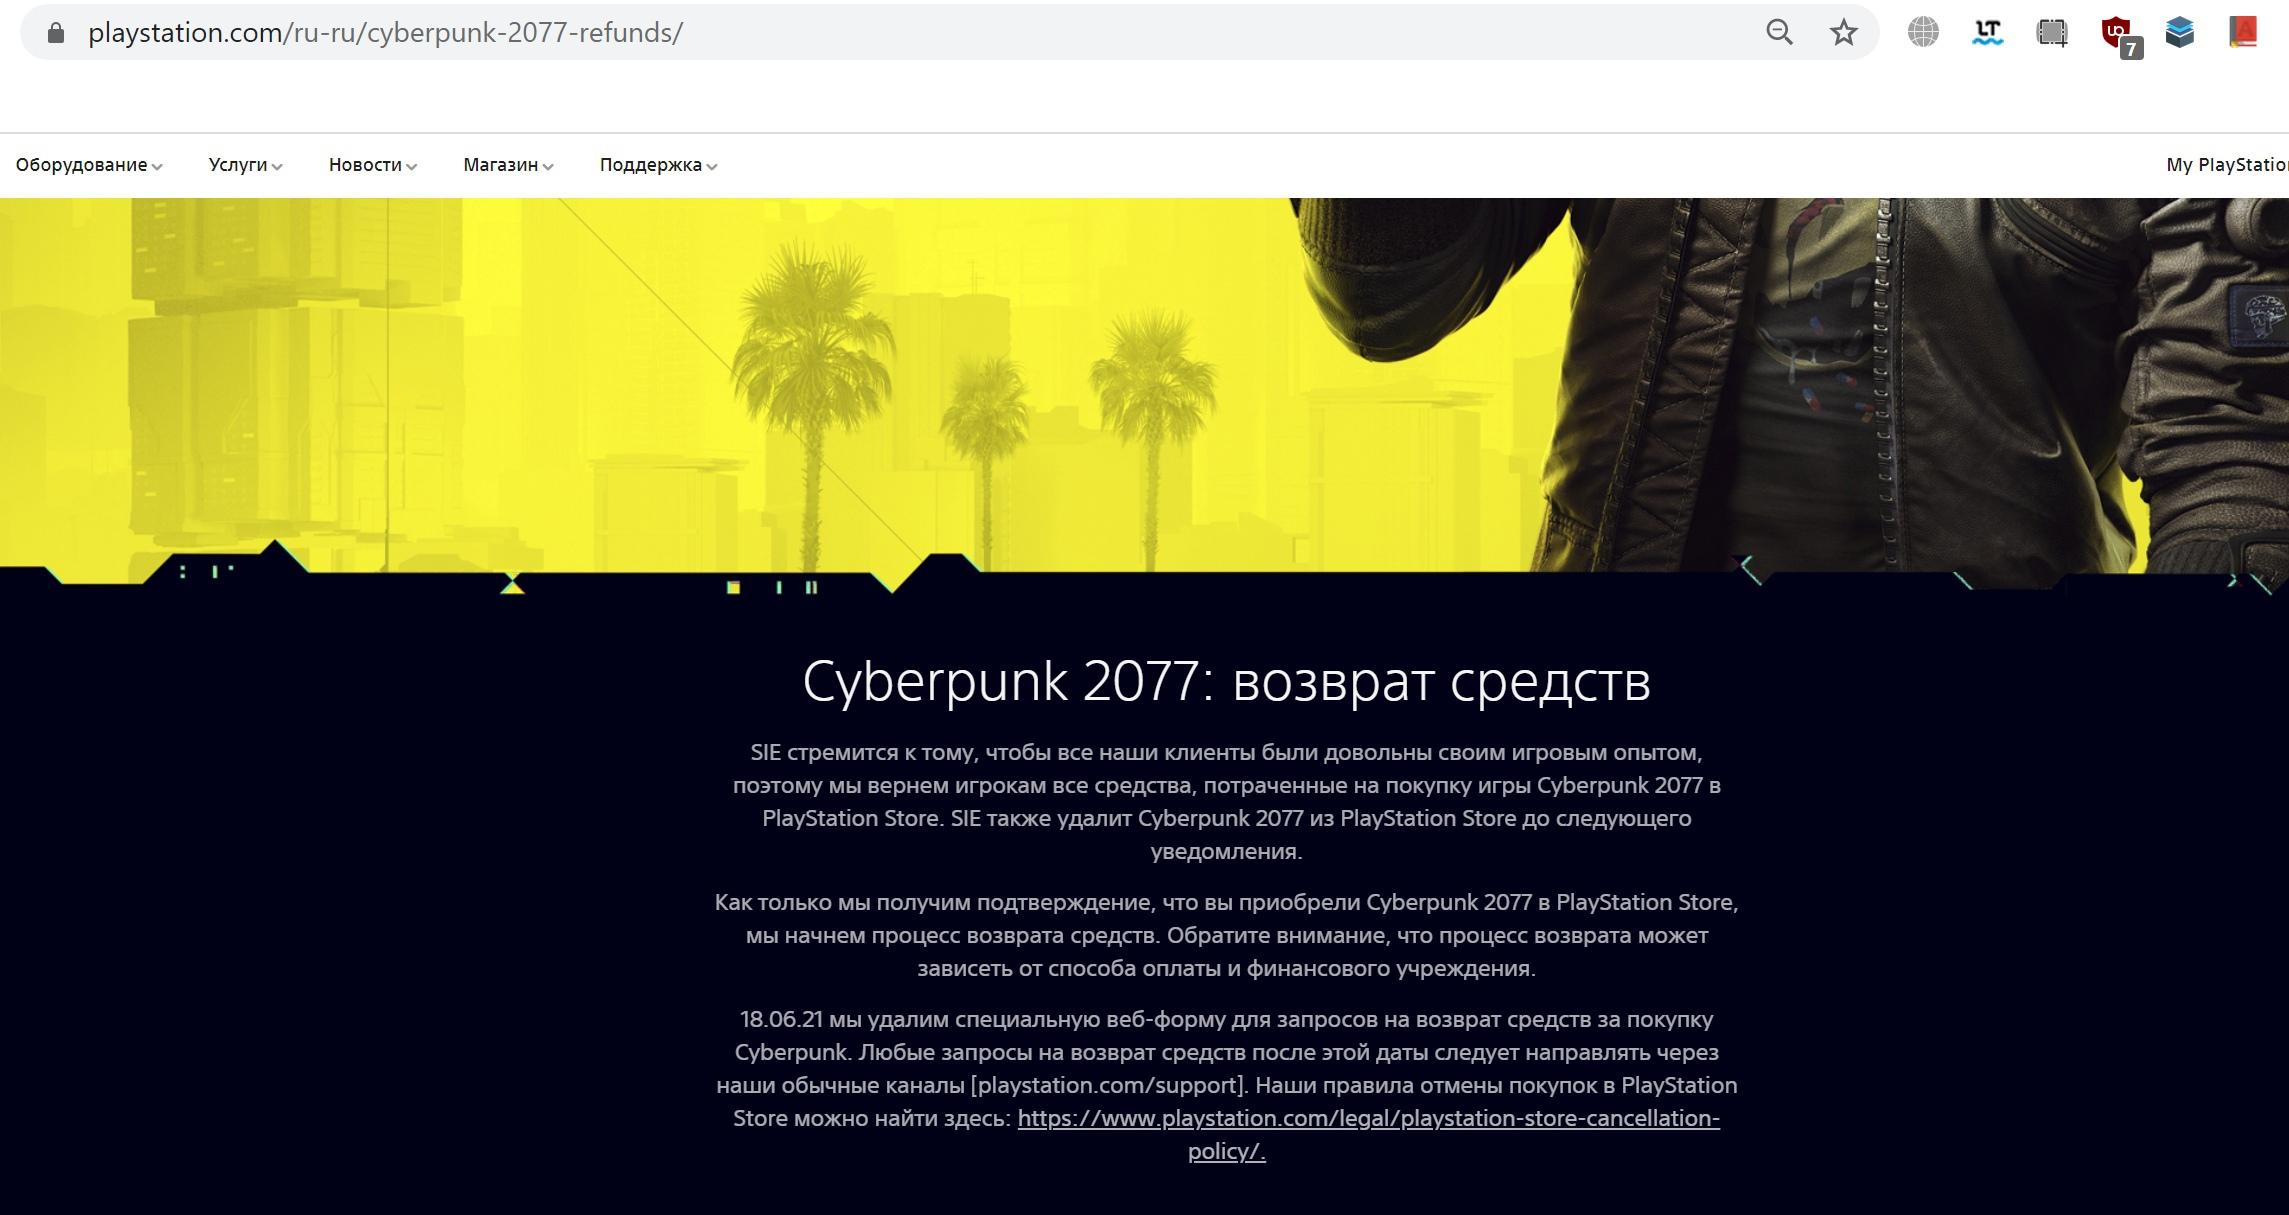 Sony сообщила, что спустя 6 месяцев после релиза Cybeprunk 2077 удалит специальную форму по возврату денег за игру